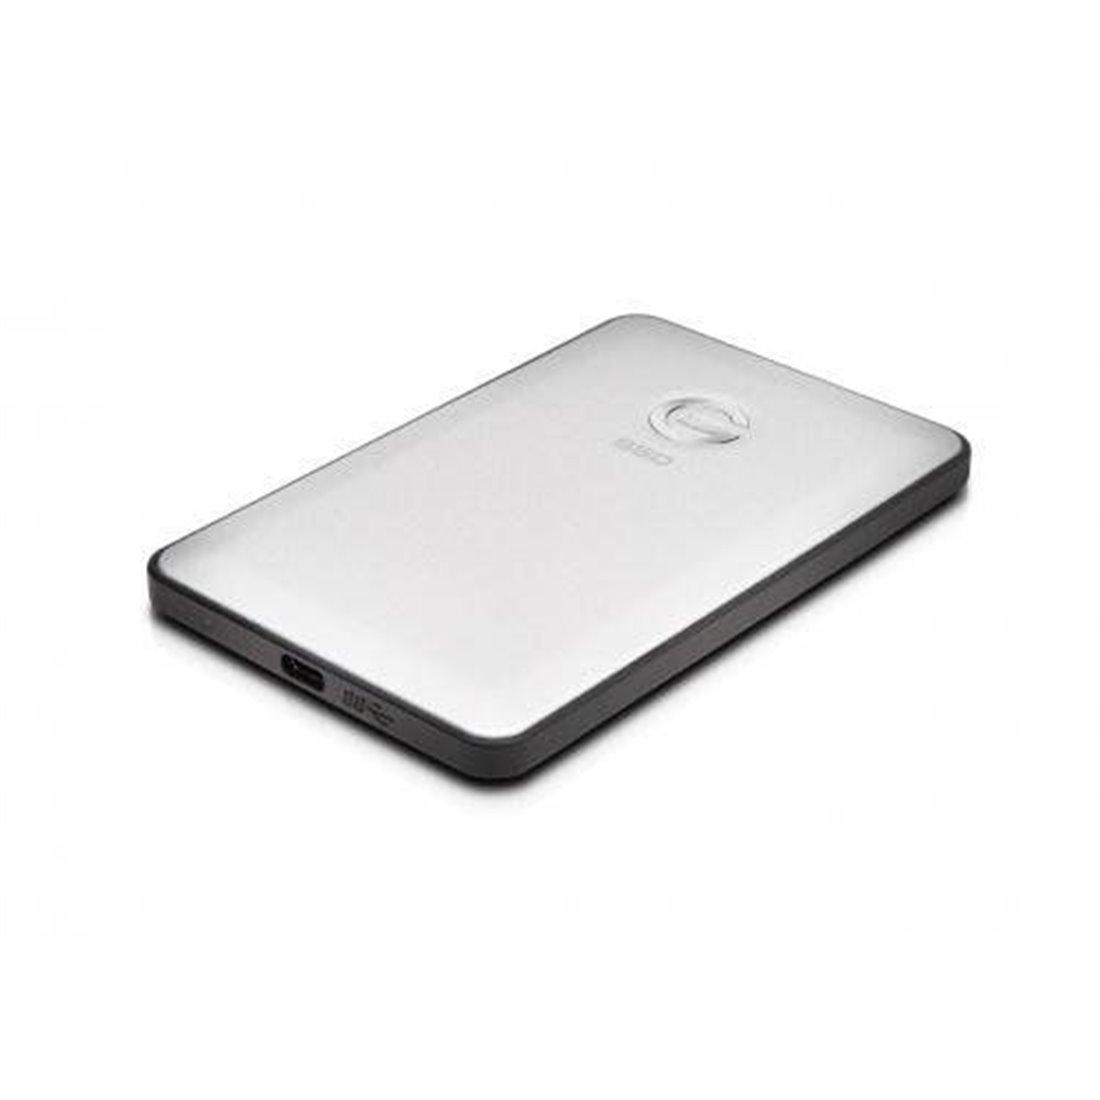 G-Technology Disque dur externe SSD portable et fin, USB-C 1 To, couleur argent